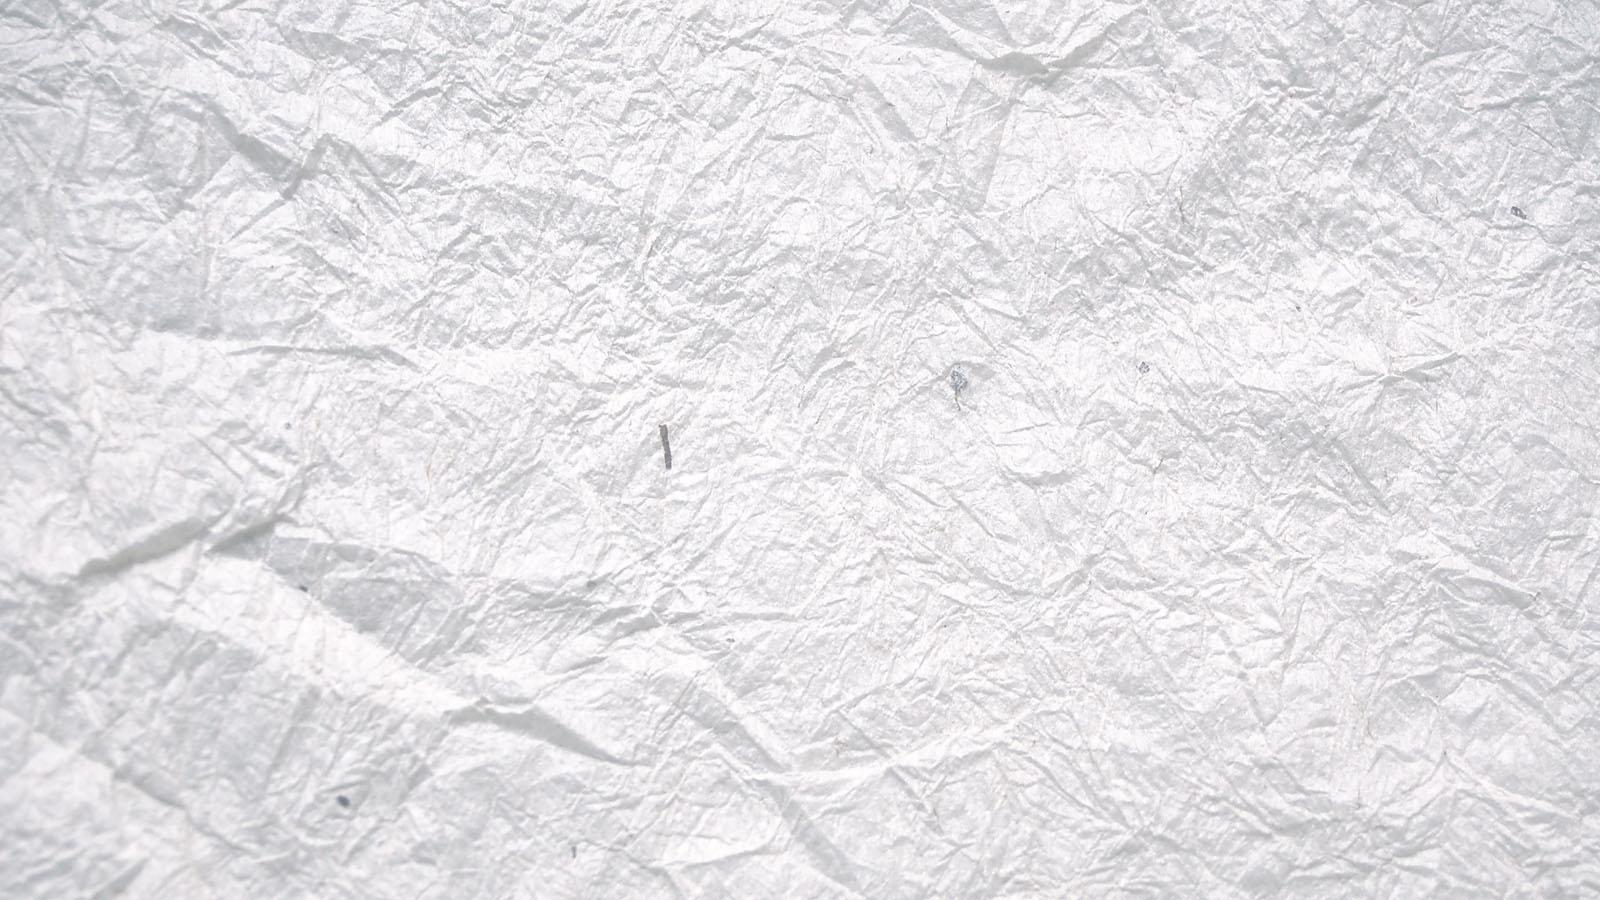 紙漉思考室